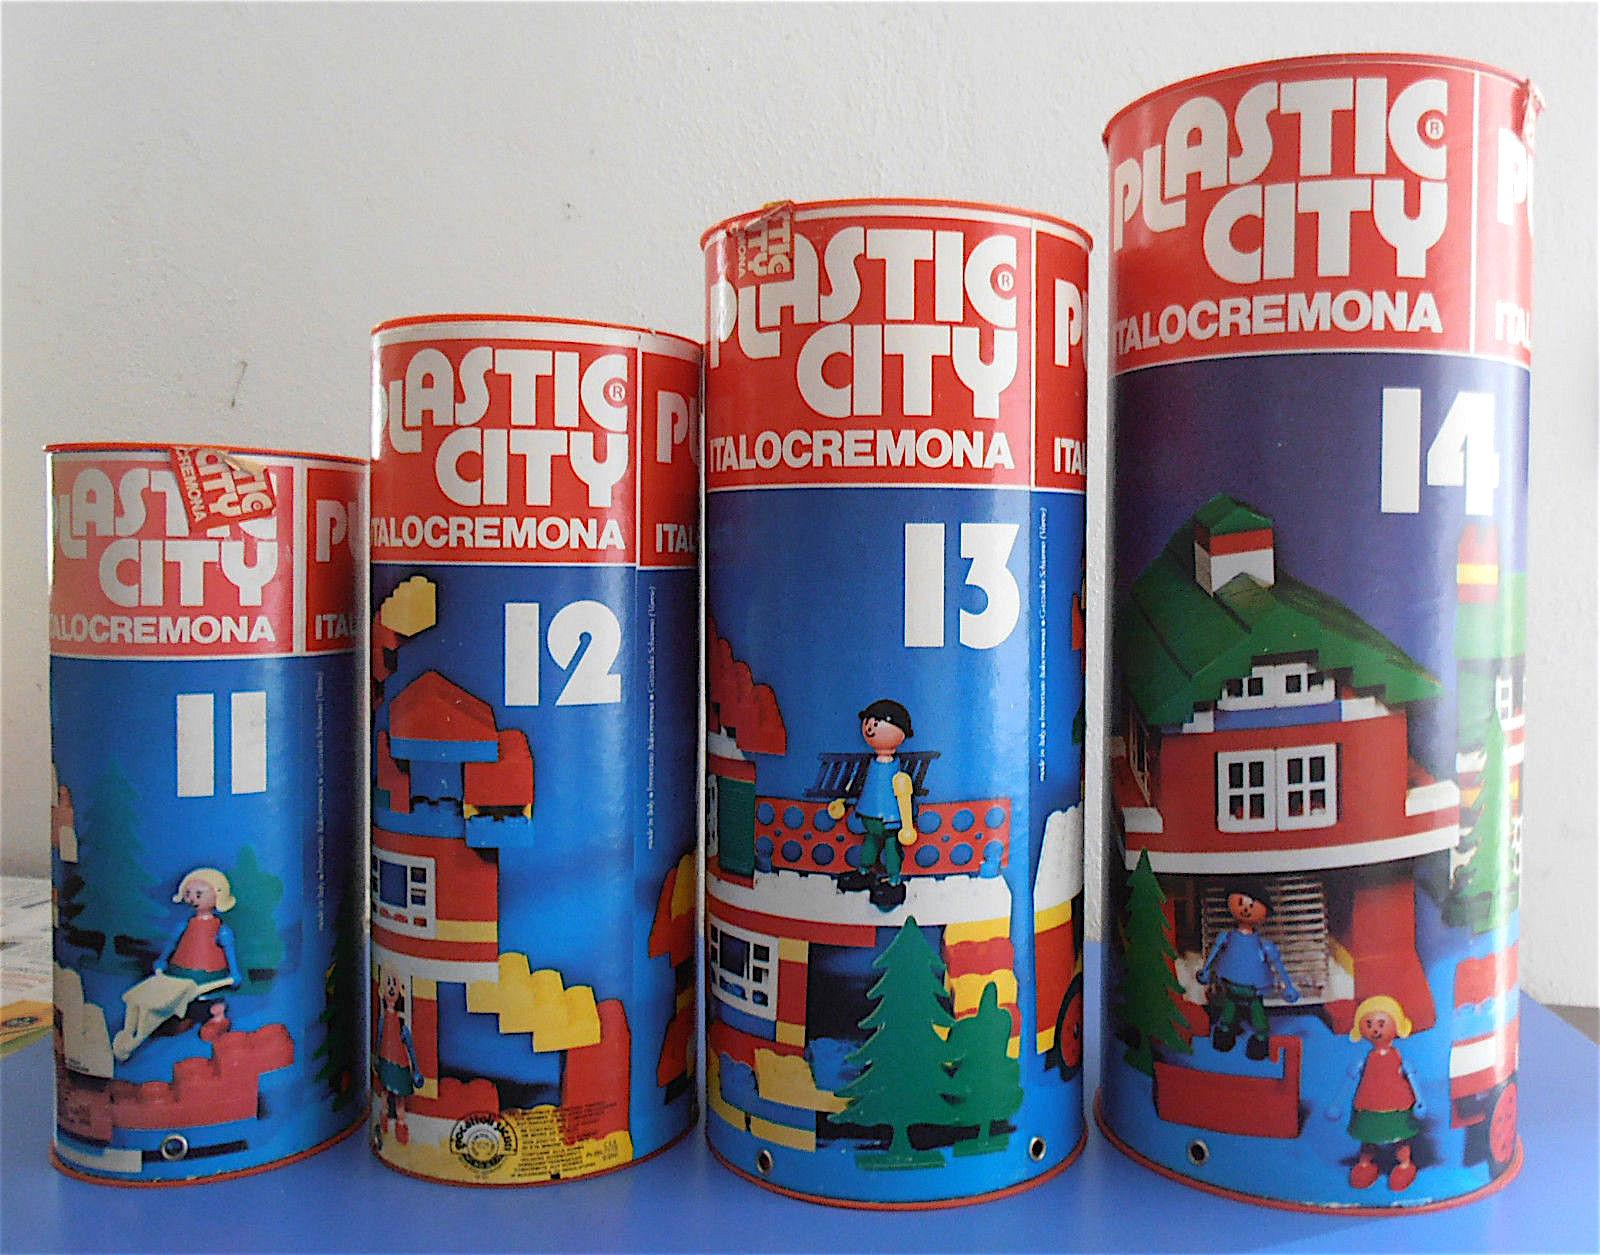 plastic_city_fustino_costruzioni.jpg